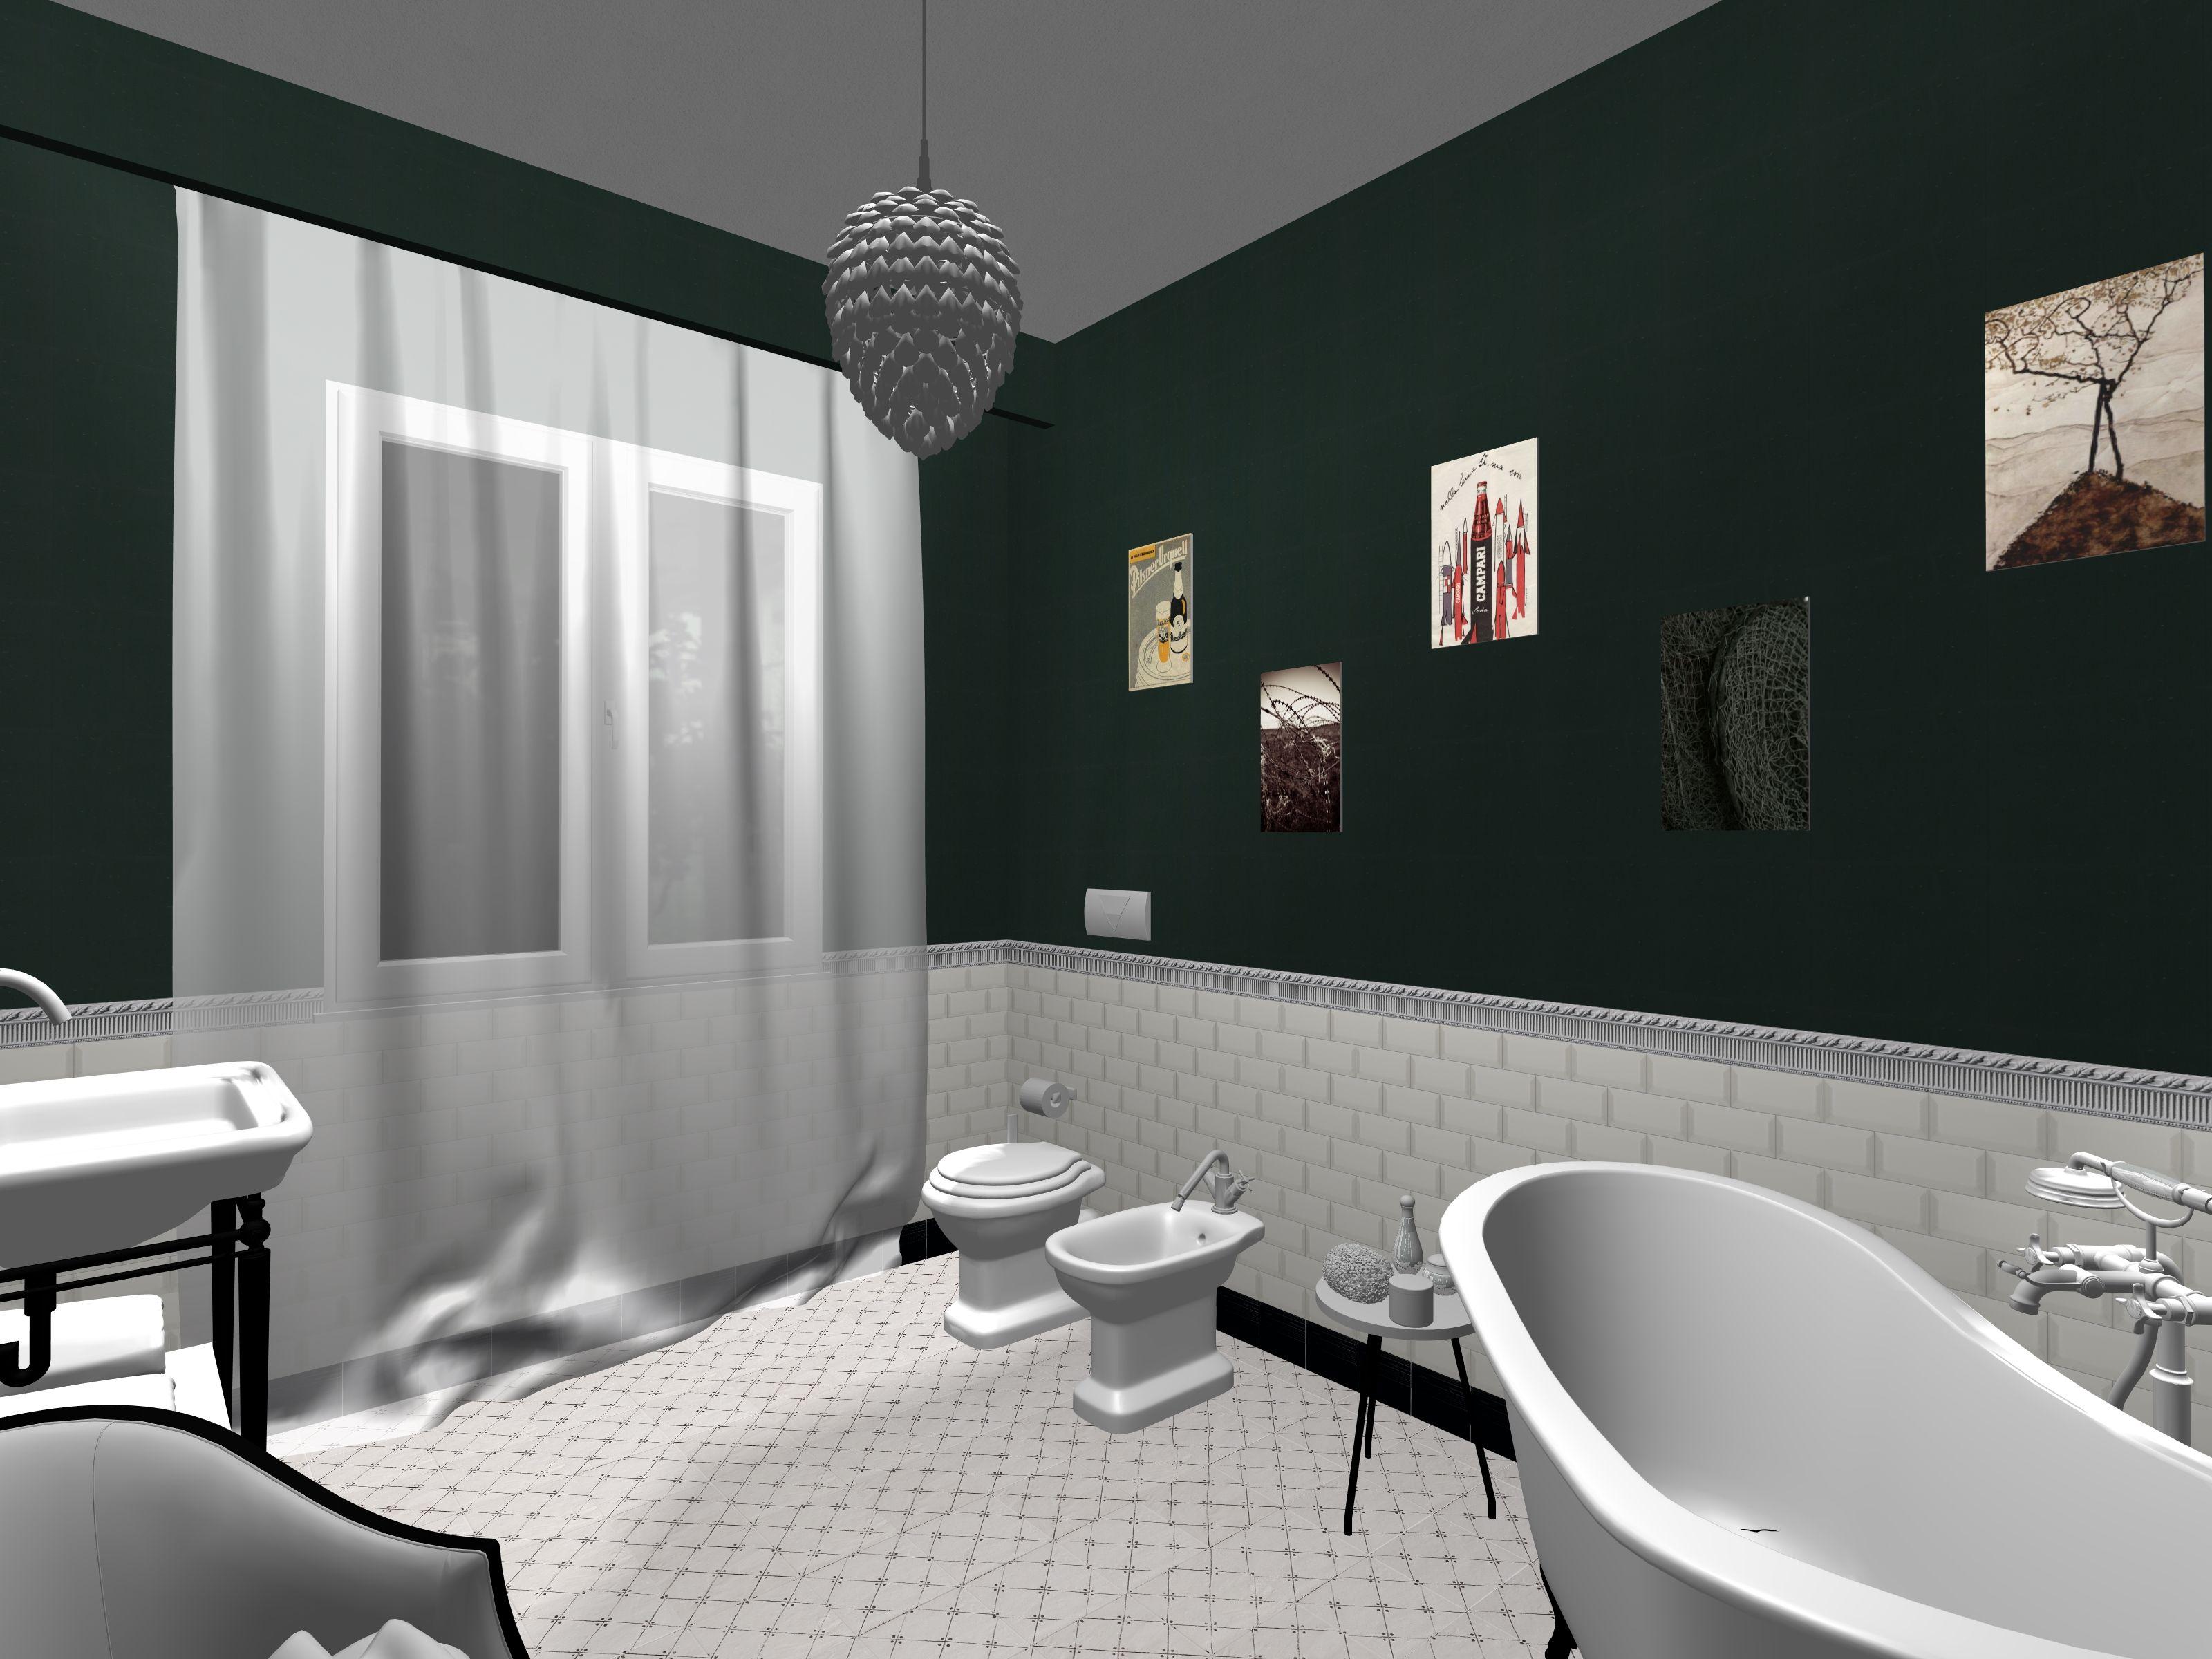 Bagno realizzato in stile retro chic piastrelle da rivestimento diamantate bianche lucide 7 - Piastrelle bianche bagno ...